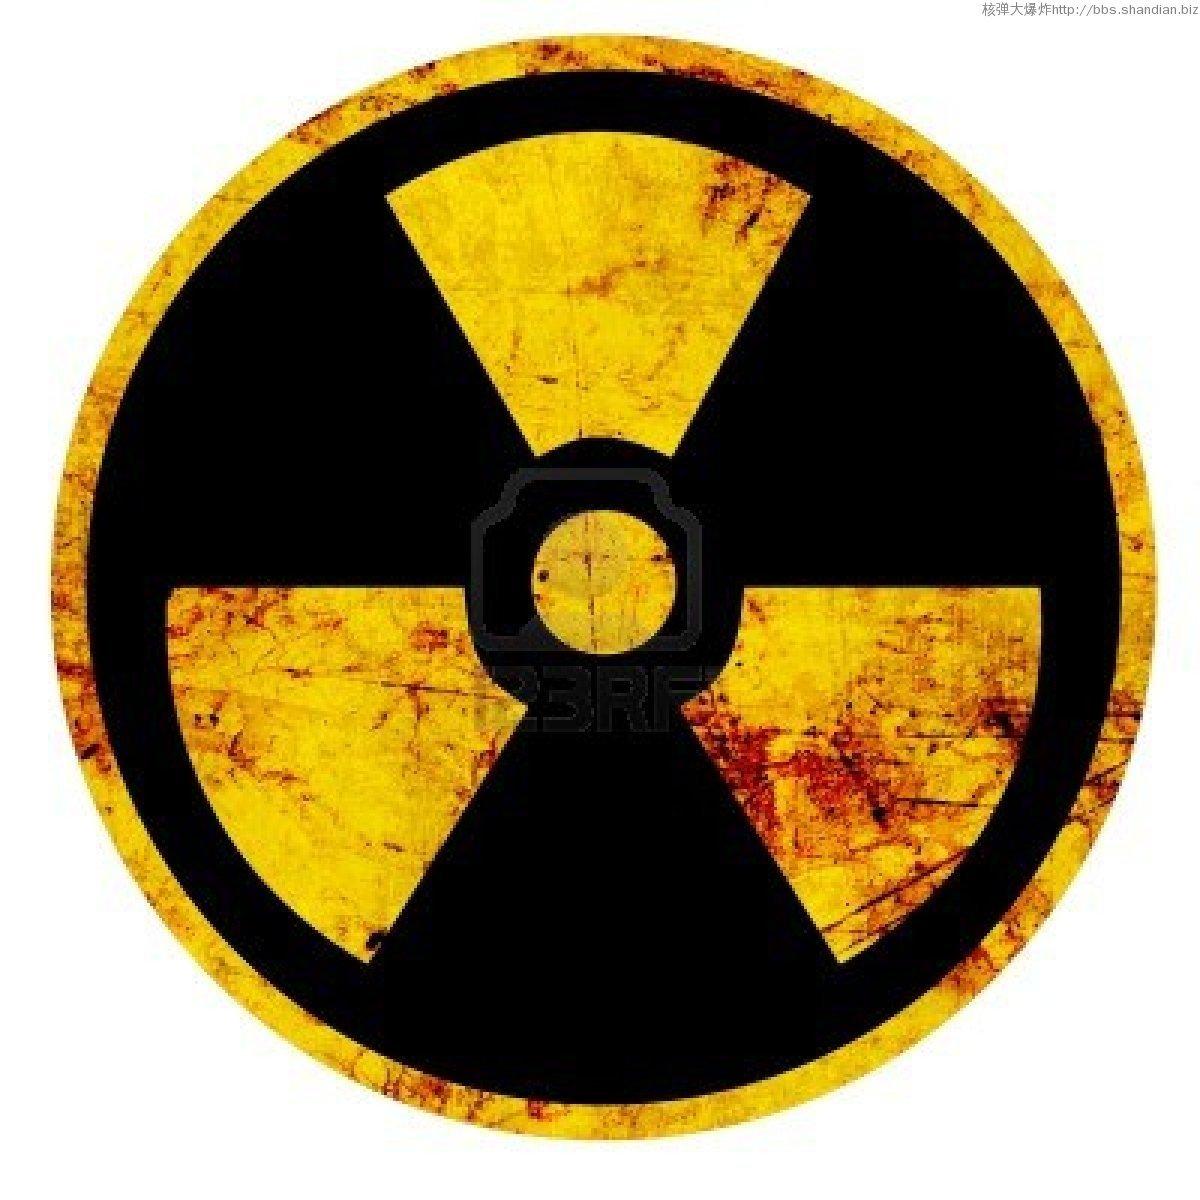 核辐射标志